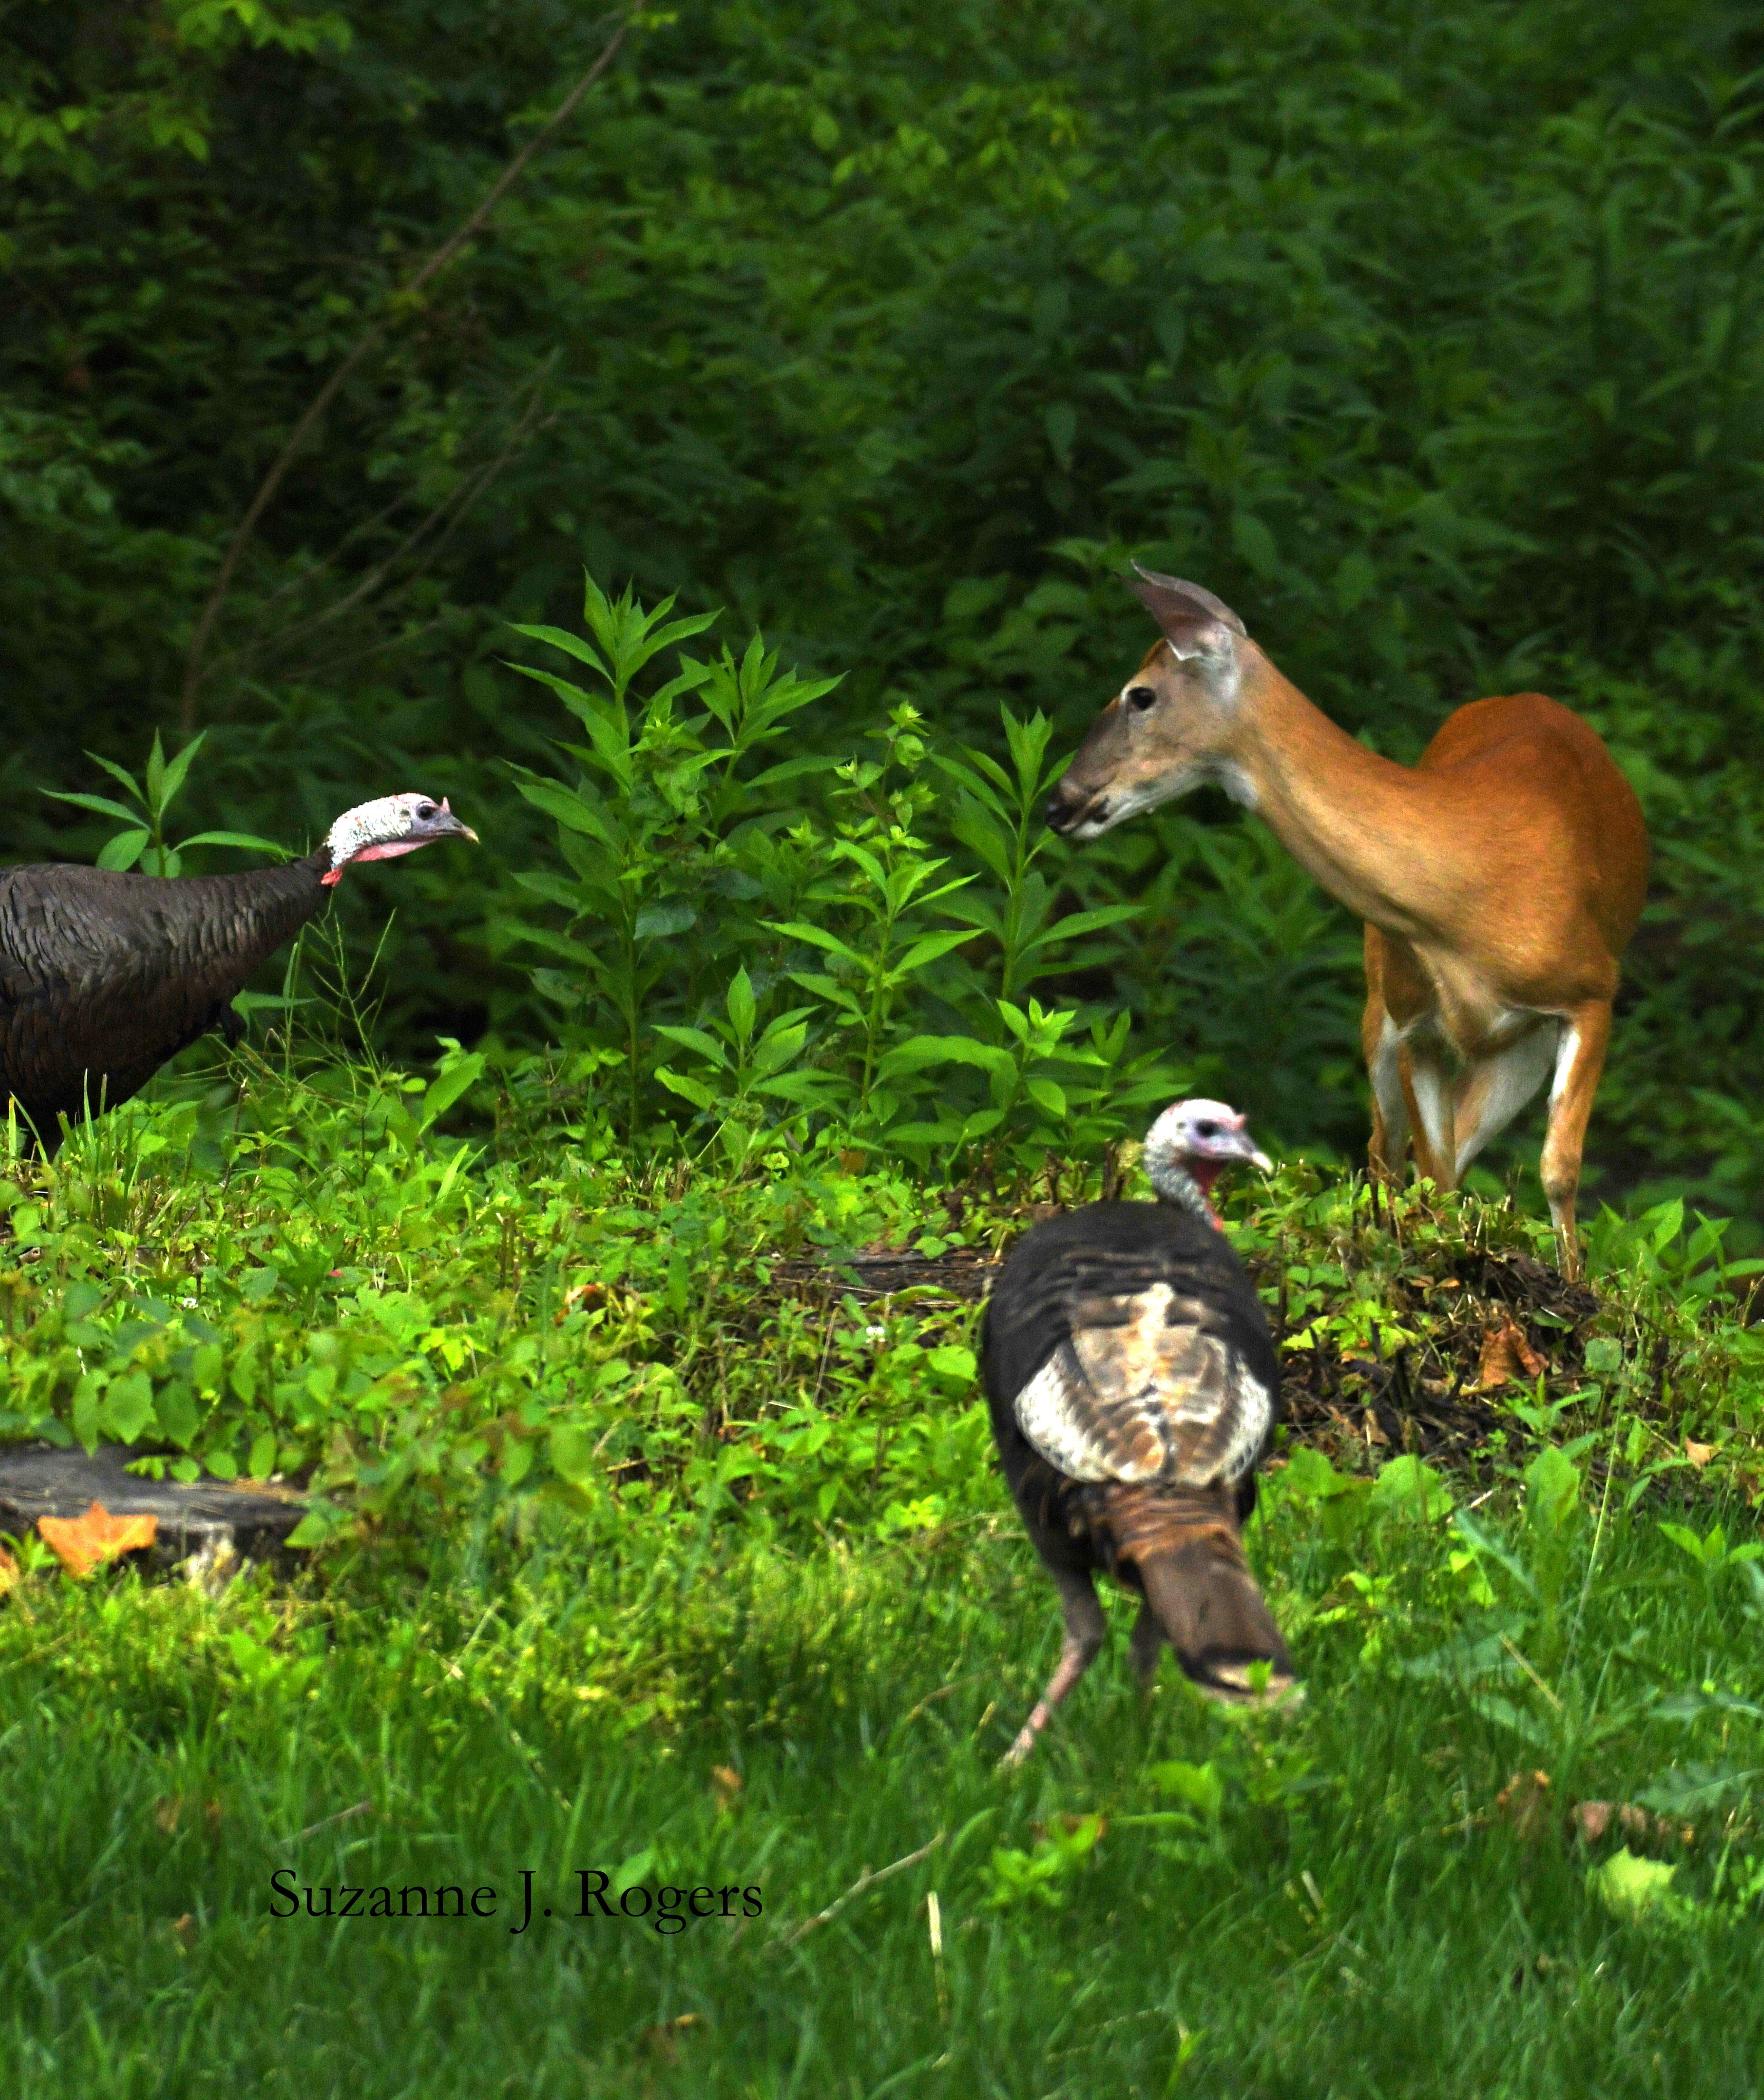 DSC_9803 deer and TWO turkeys wm